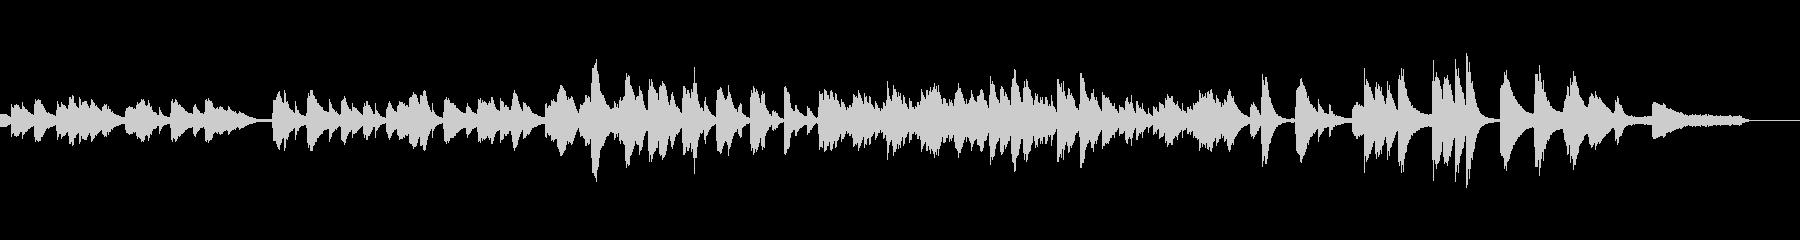 切ない印象のピアノソロの未再生の波形